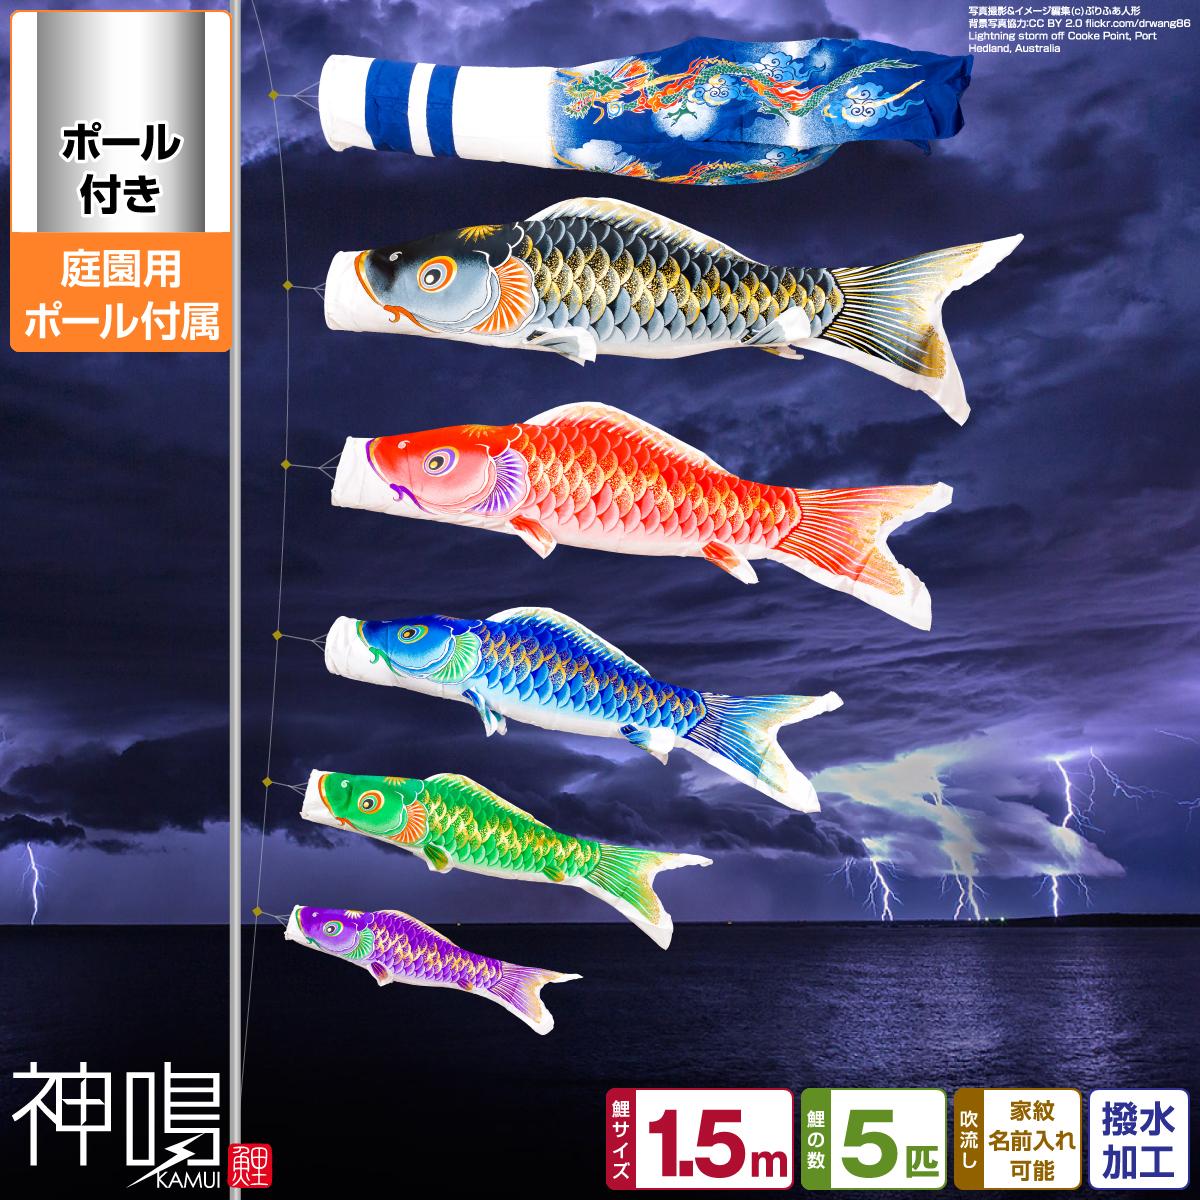 庭用 こいのぼり 神鳴鯉-KAMUI- 1.5m 8点(吹流し+鯉5匹+矢車+ロープ)/ガーデンセット(杭打ちポール)